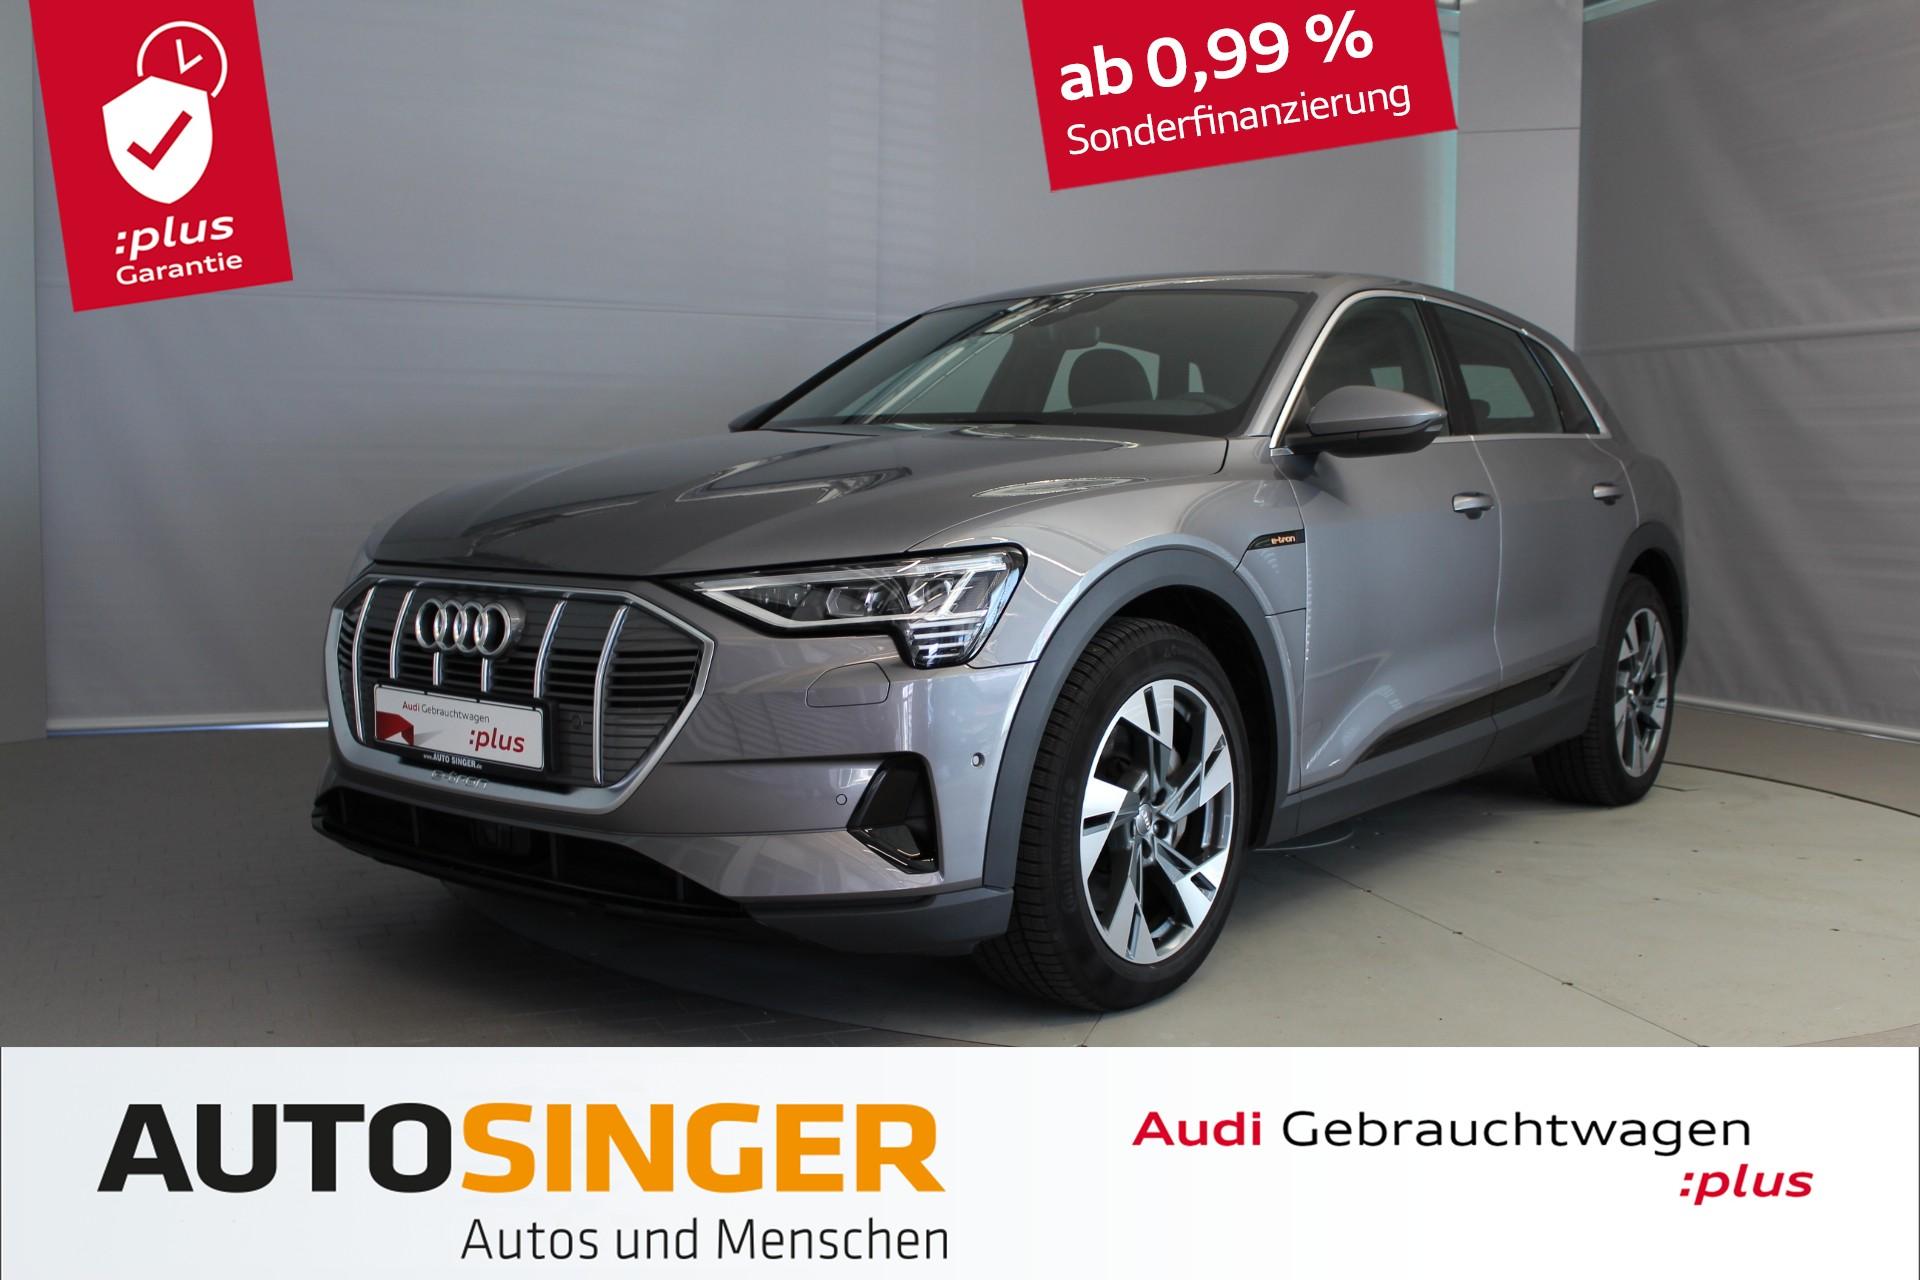 Audi e-tron 55 quattro *AHK*Luftf*LED*Virtual*20'*, Jahr 2019, Elektro